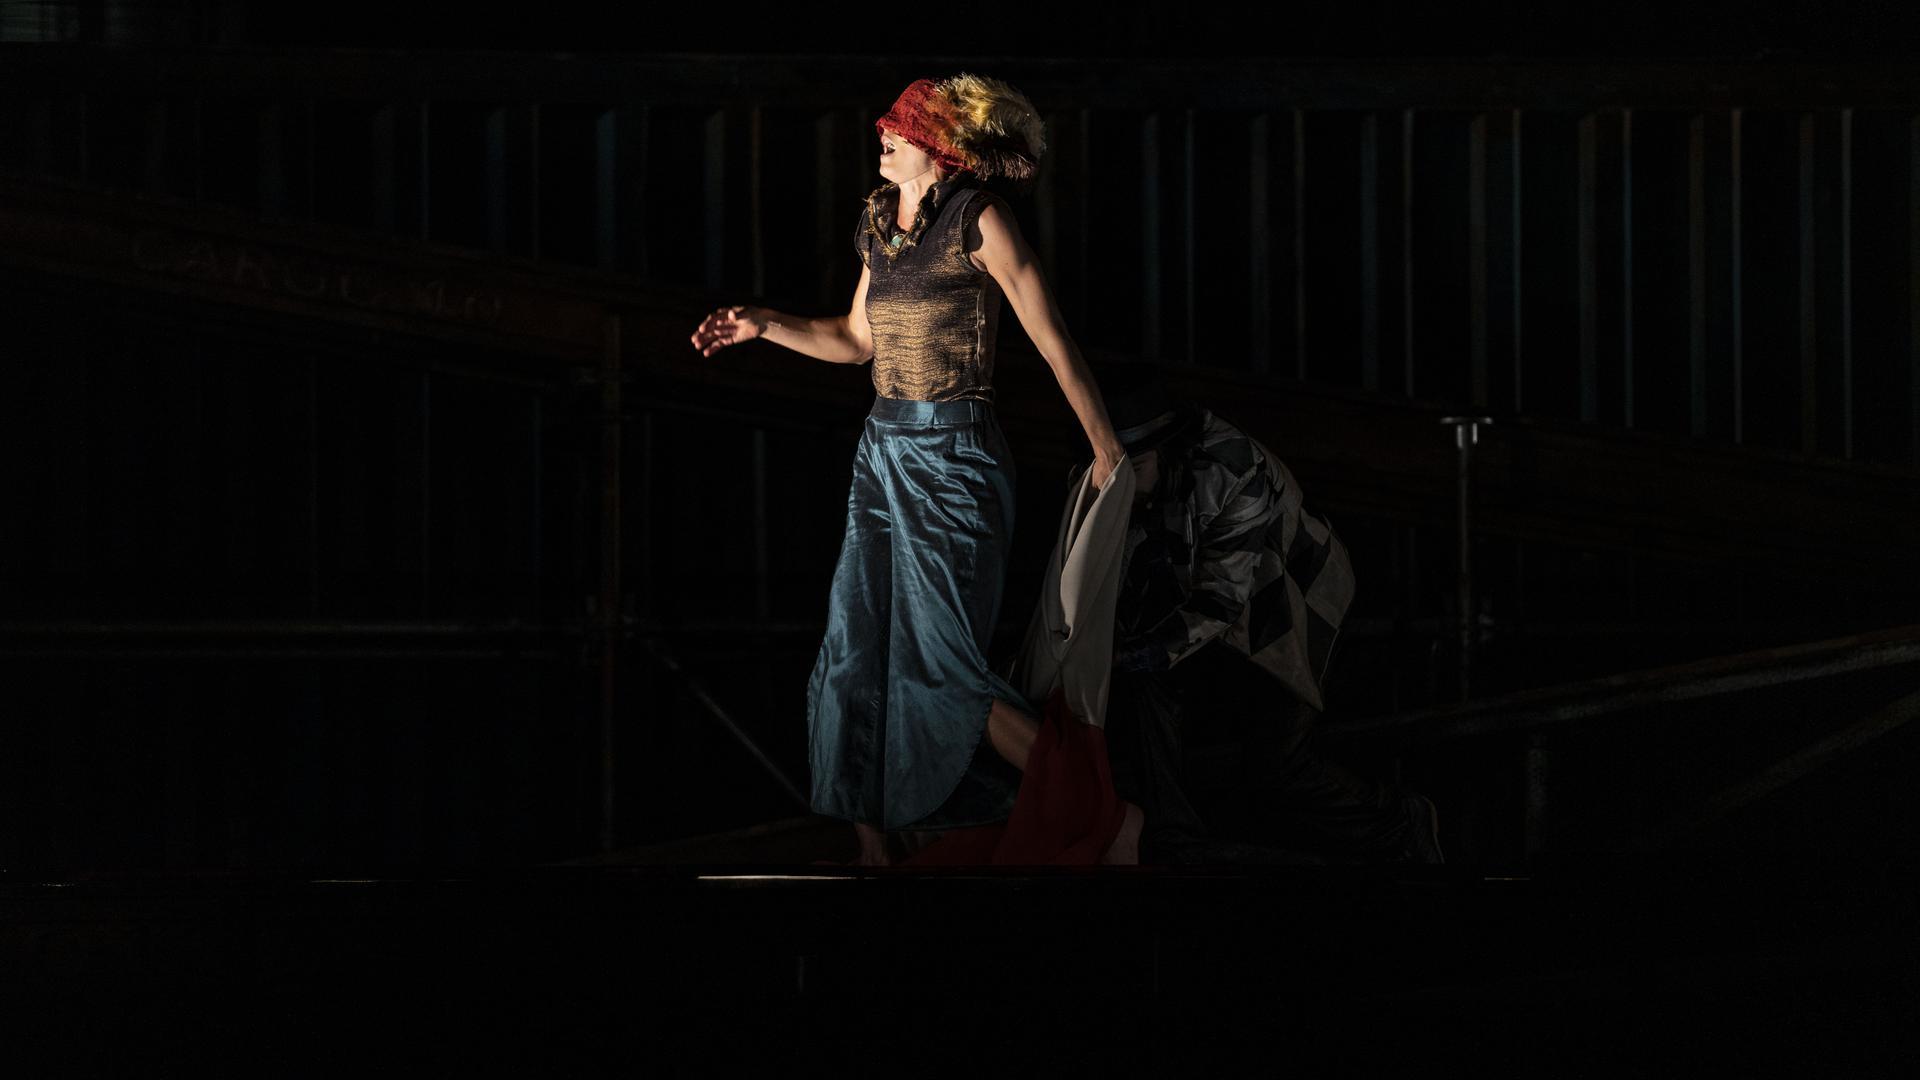 Eine Frau mit verbundenen Augen singt auf der Bühne.